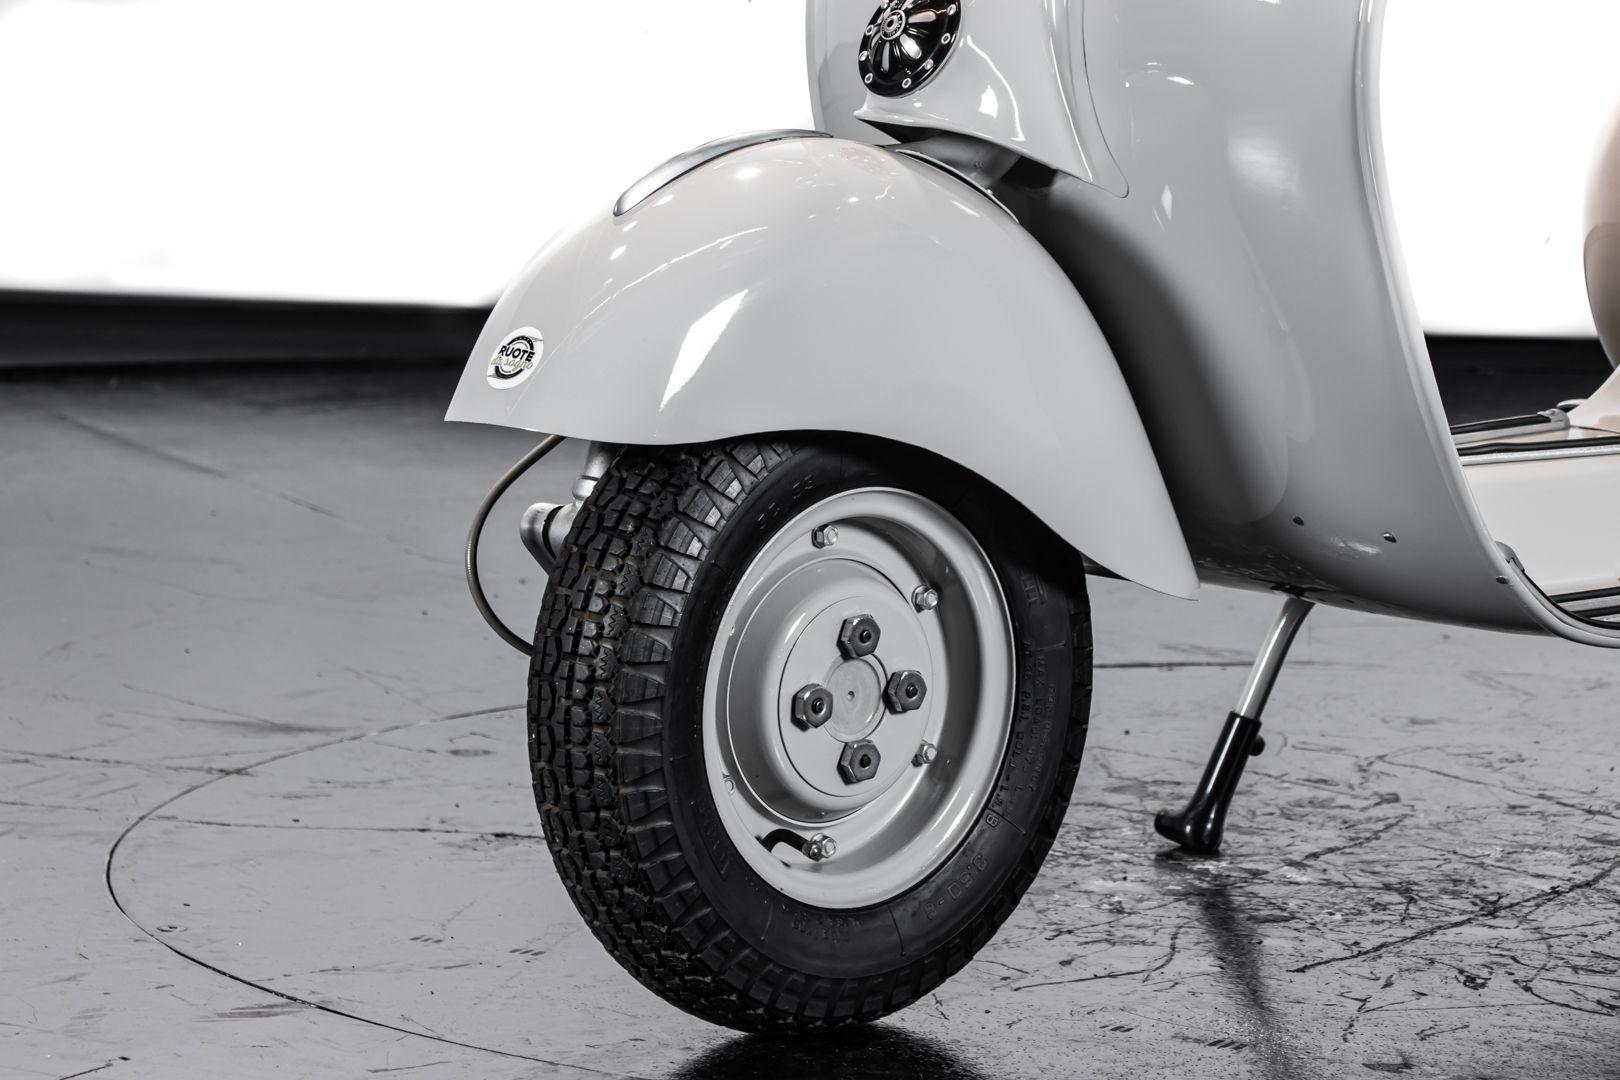 1958 Piaggio Vespa 125 72275